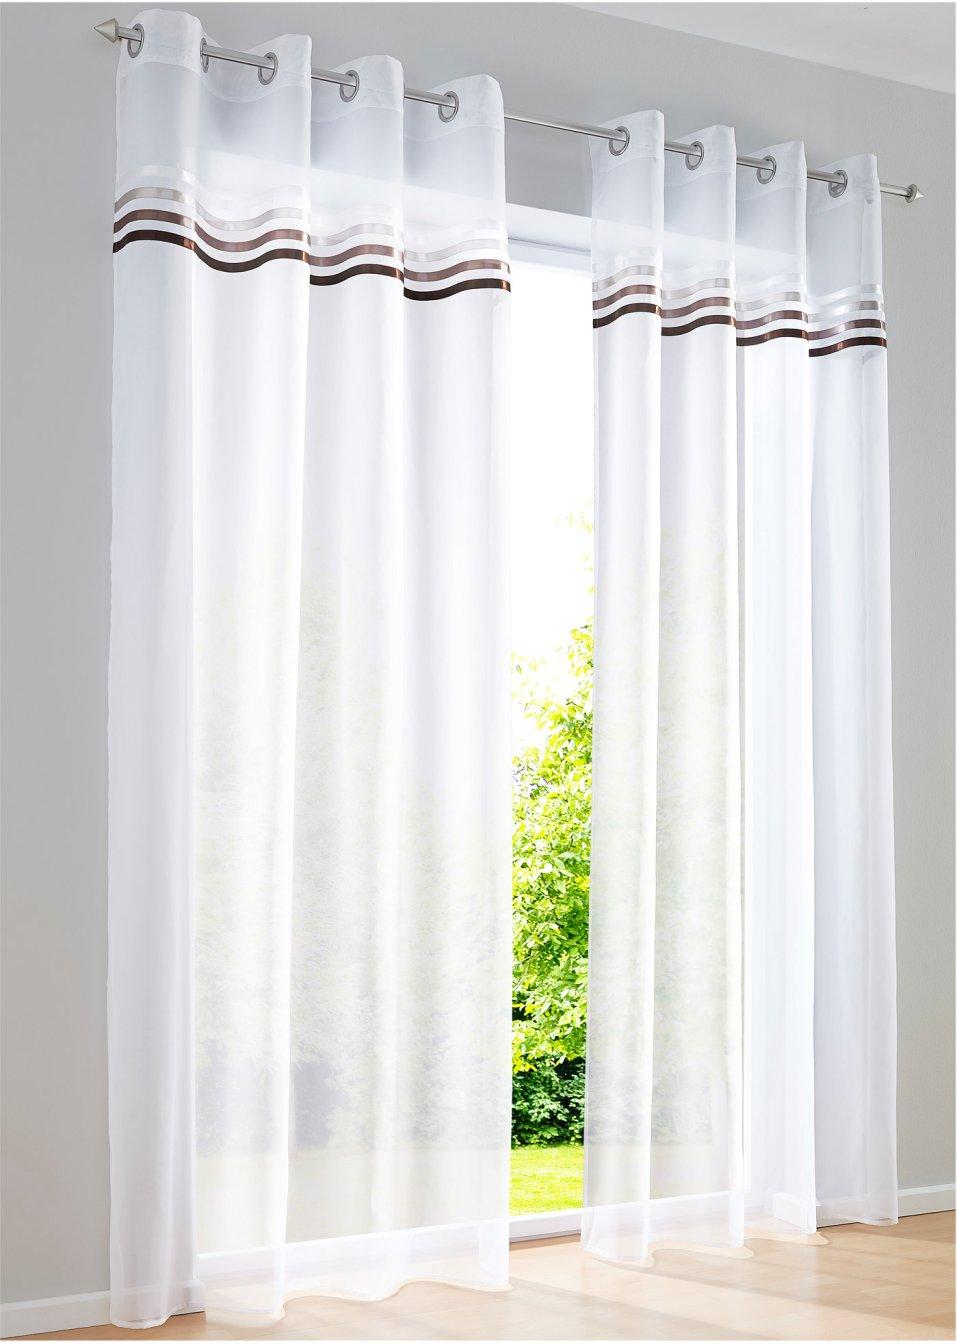 farbige streifen in warmen t nen auf transparenter gardine. Black Bedroom Furniture Sets. Home Design Ideas